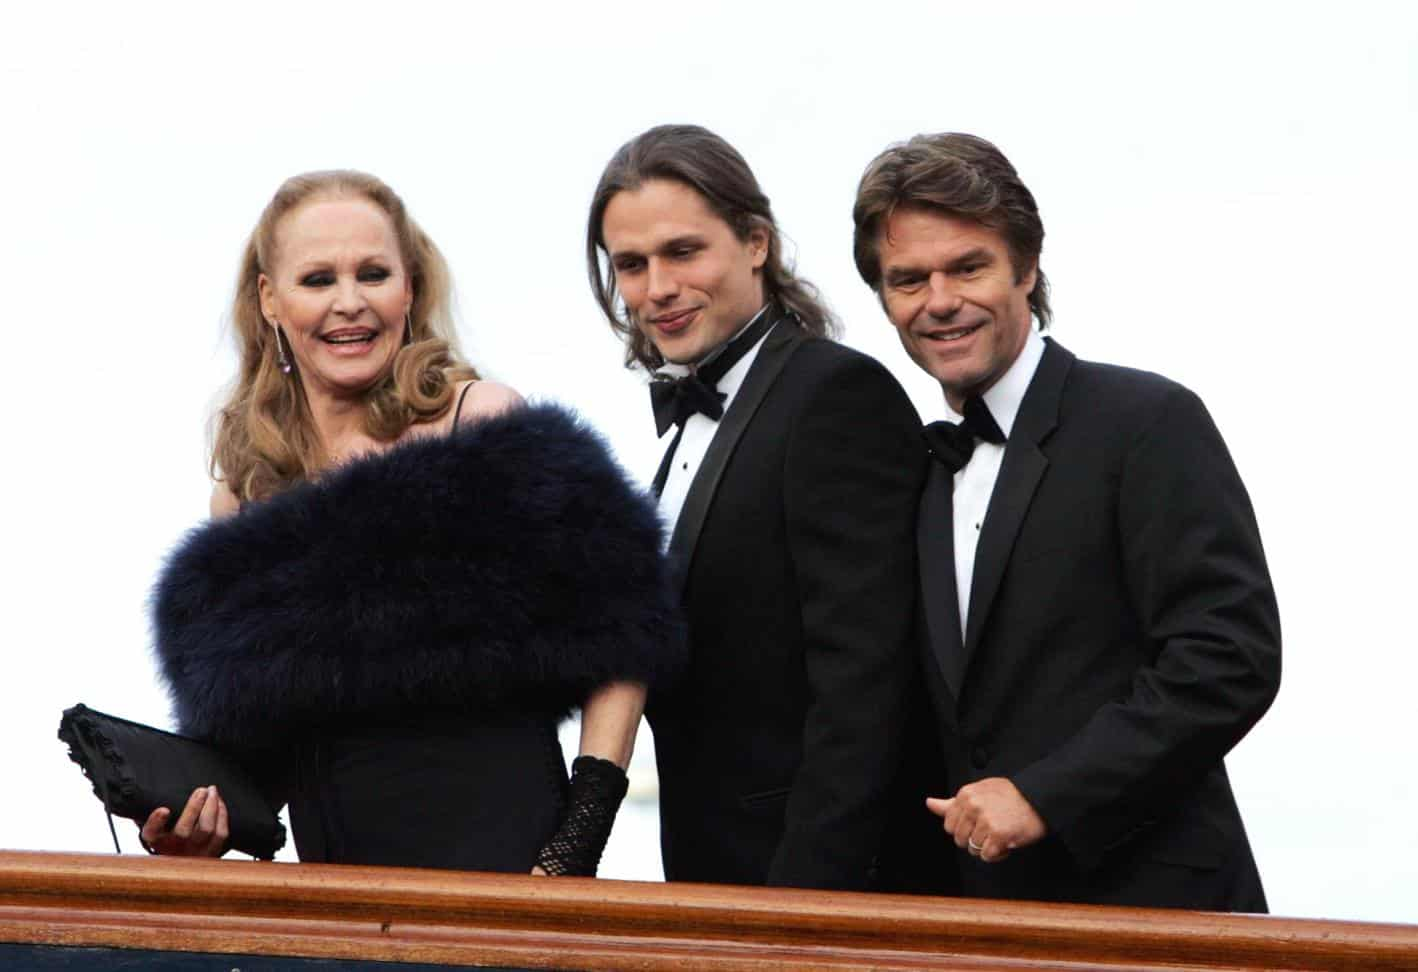 Ursula Andress, Dimitri Hamlin, and Harry Hamlin